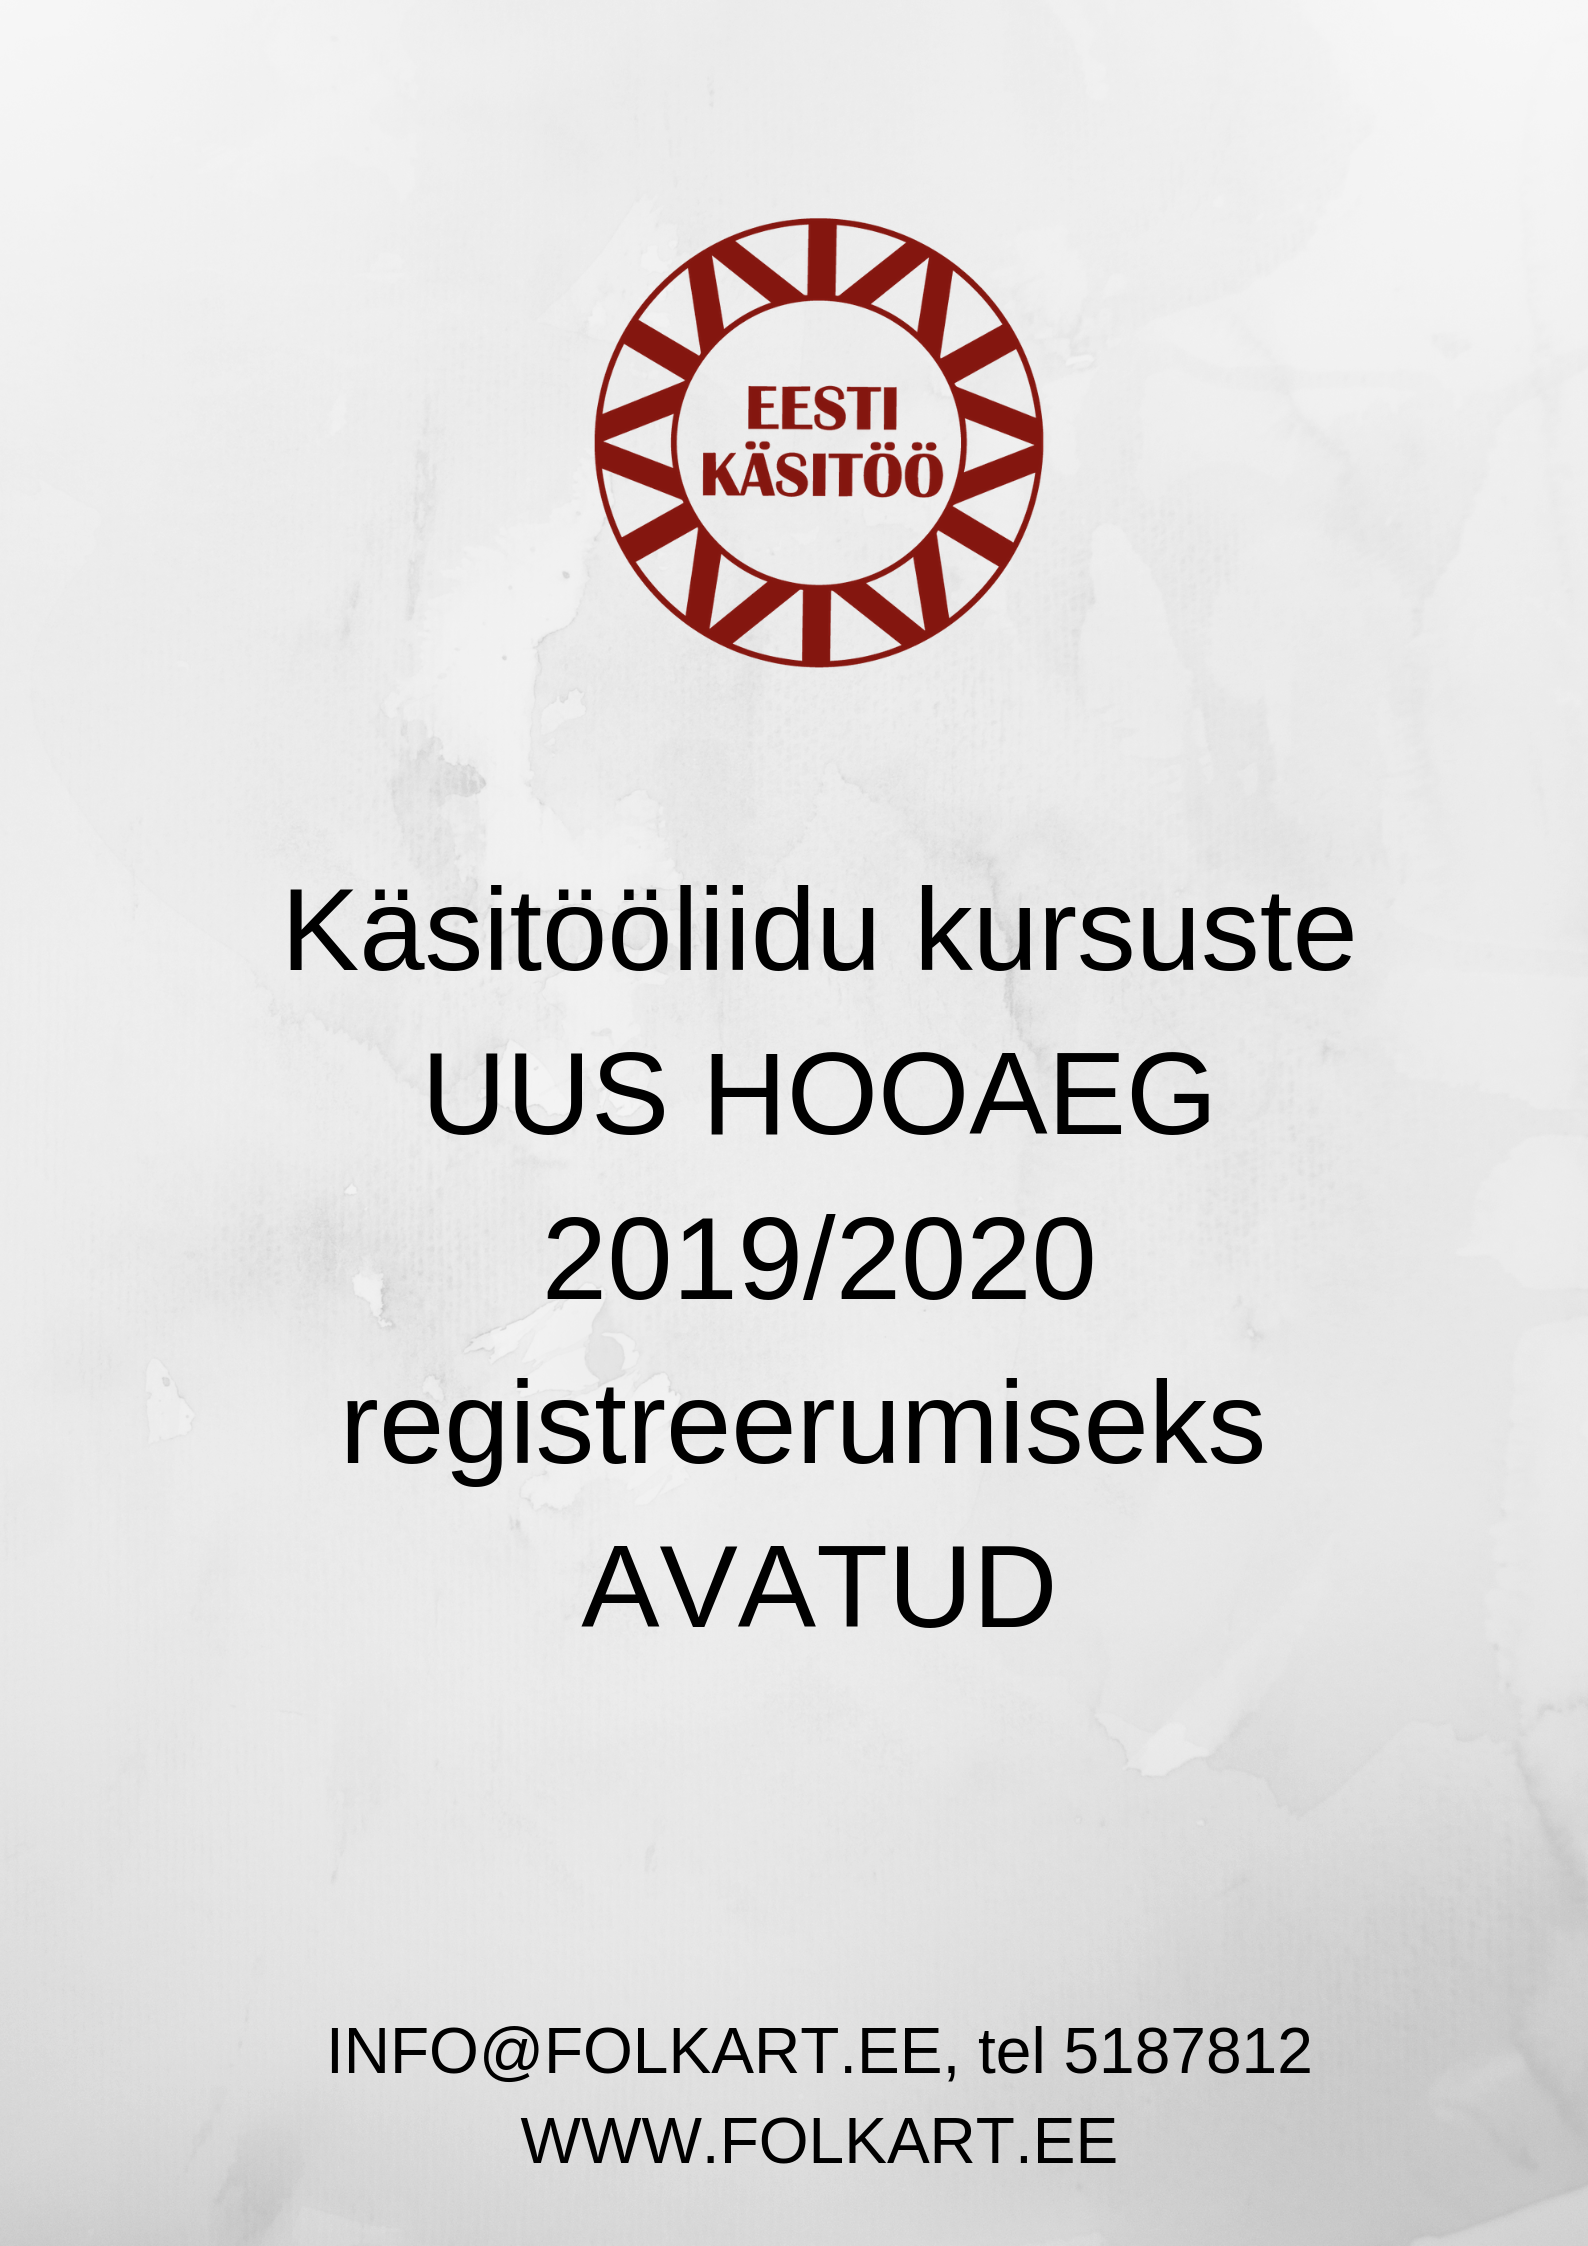 582d49d02b8 2019/2020 käsitööliidu kursuste UUS HOOAEG - Eesti Rahvakunsti ja Käsitöö  Liit